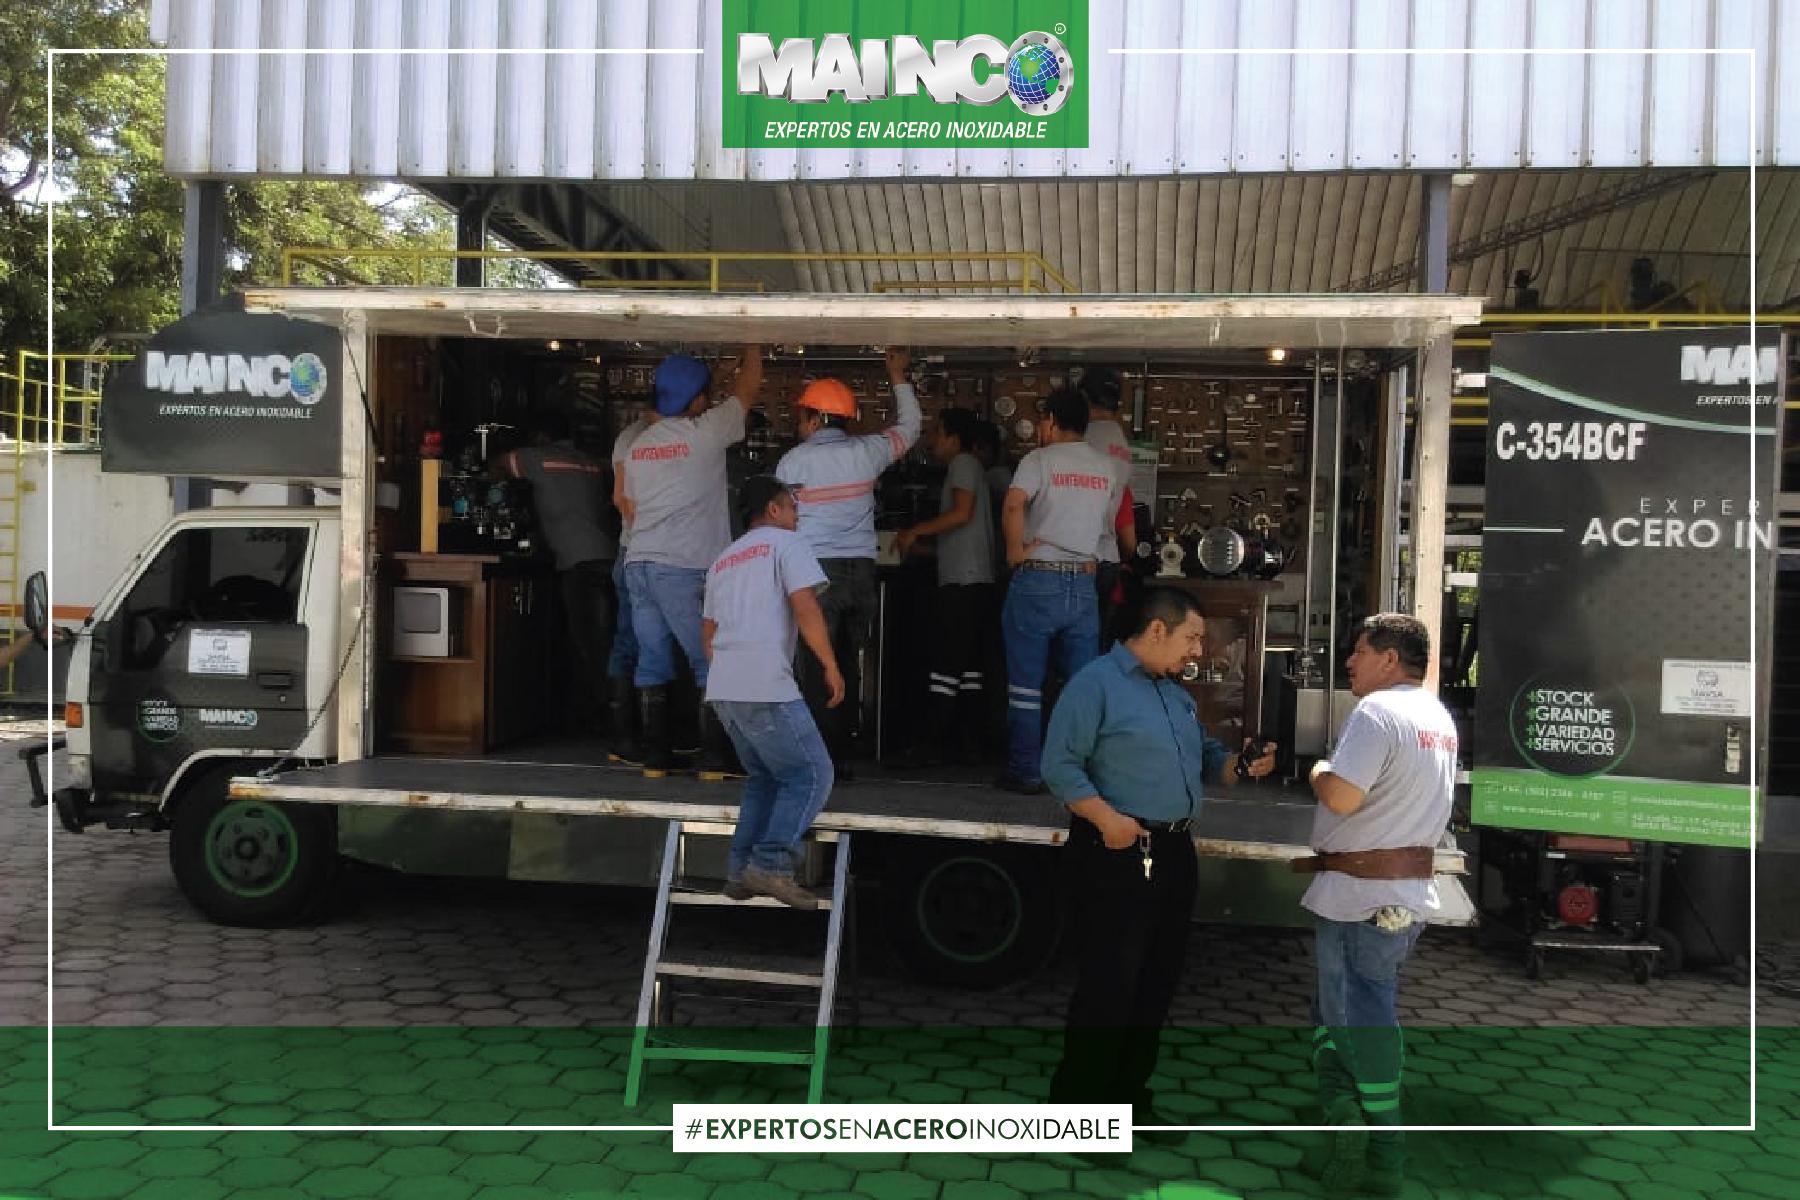 imagen 4 galeria Demostración empresarial MAINCO - Grupo Avicola